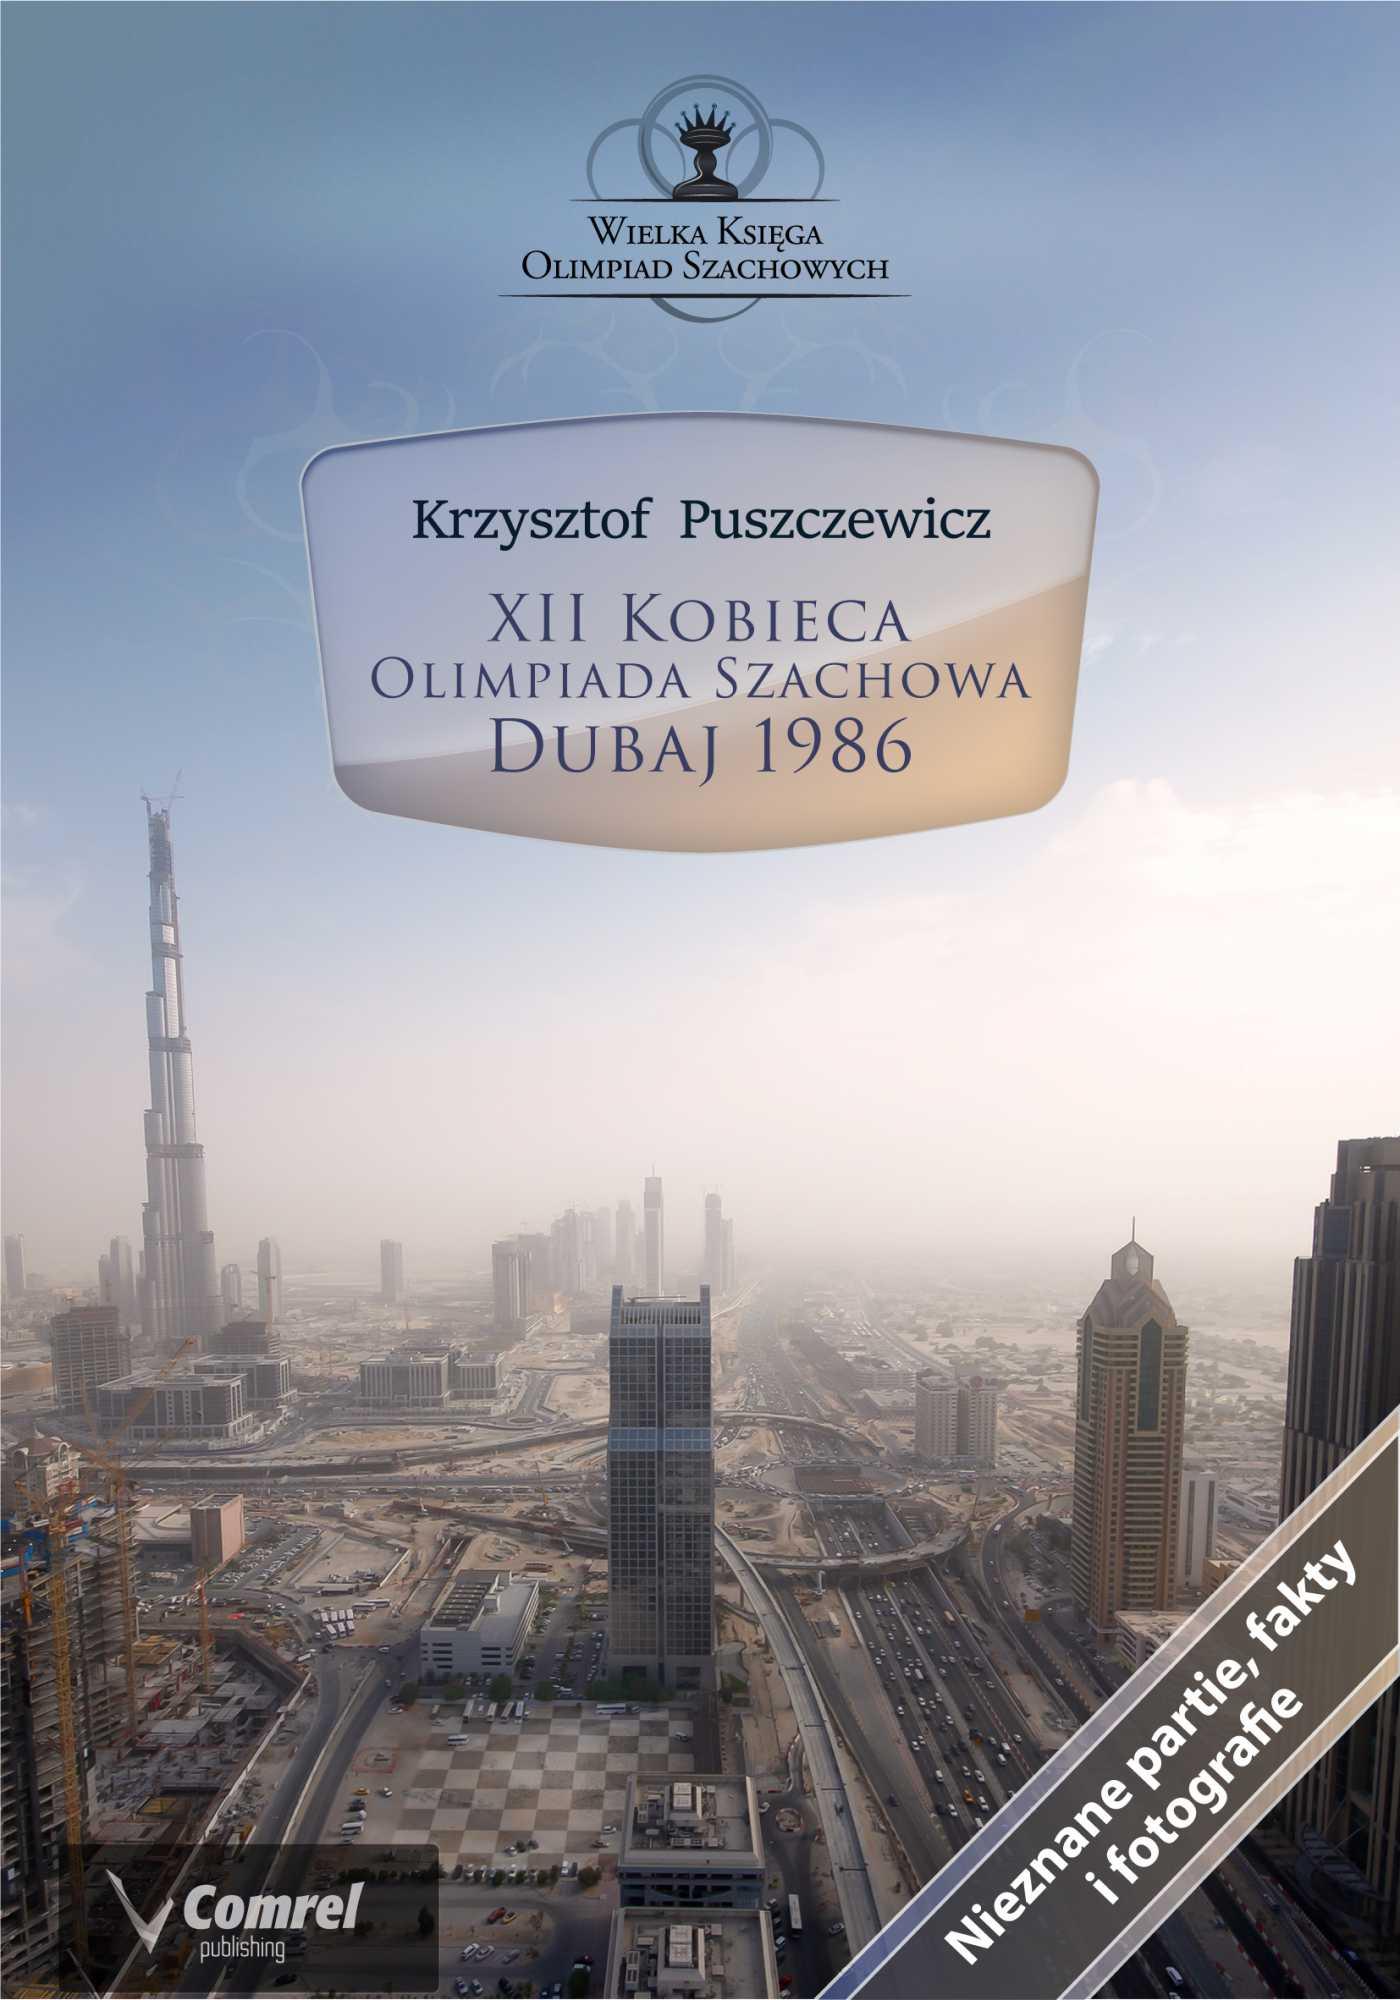 XII Kobieca Olimpiada Szachowa - Dubaj 1986 - Ebook (Książka PDF) do pobrania w formacie PDF